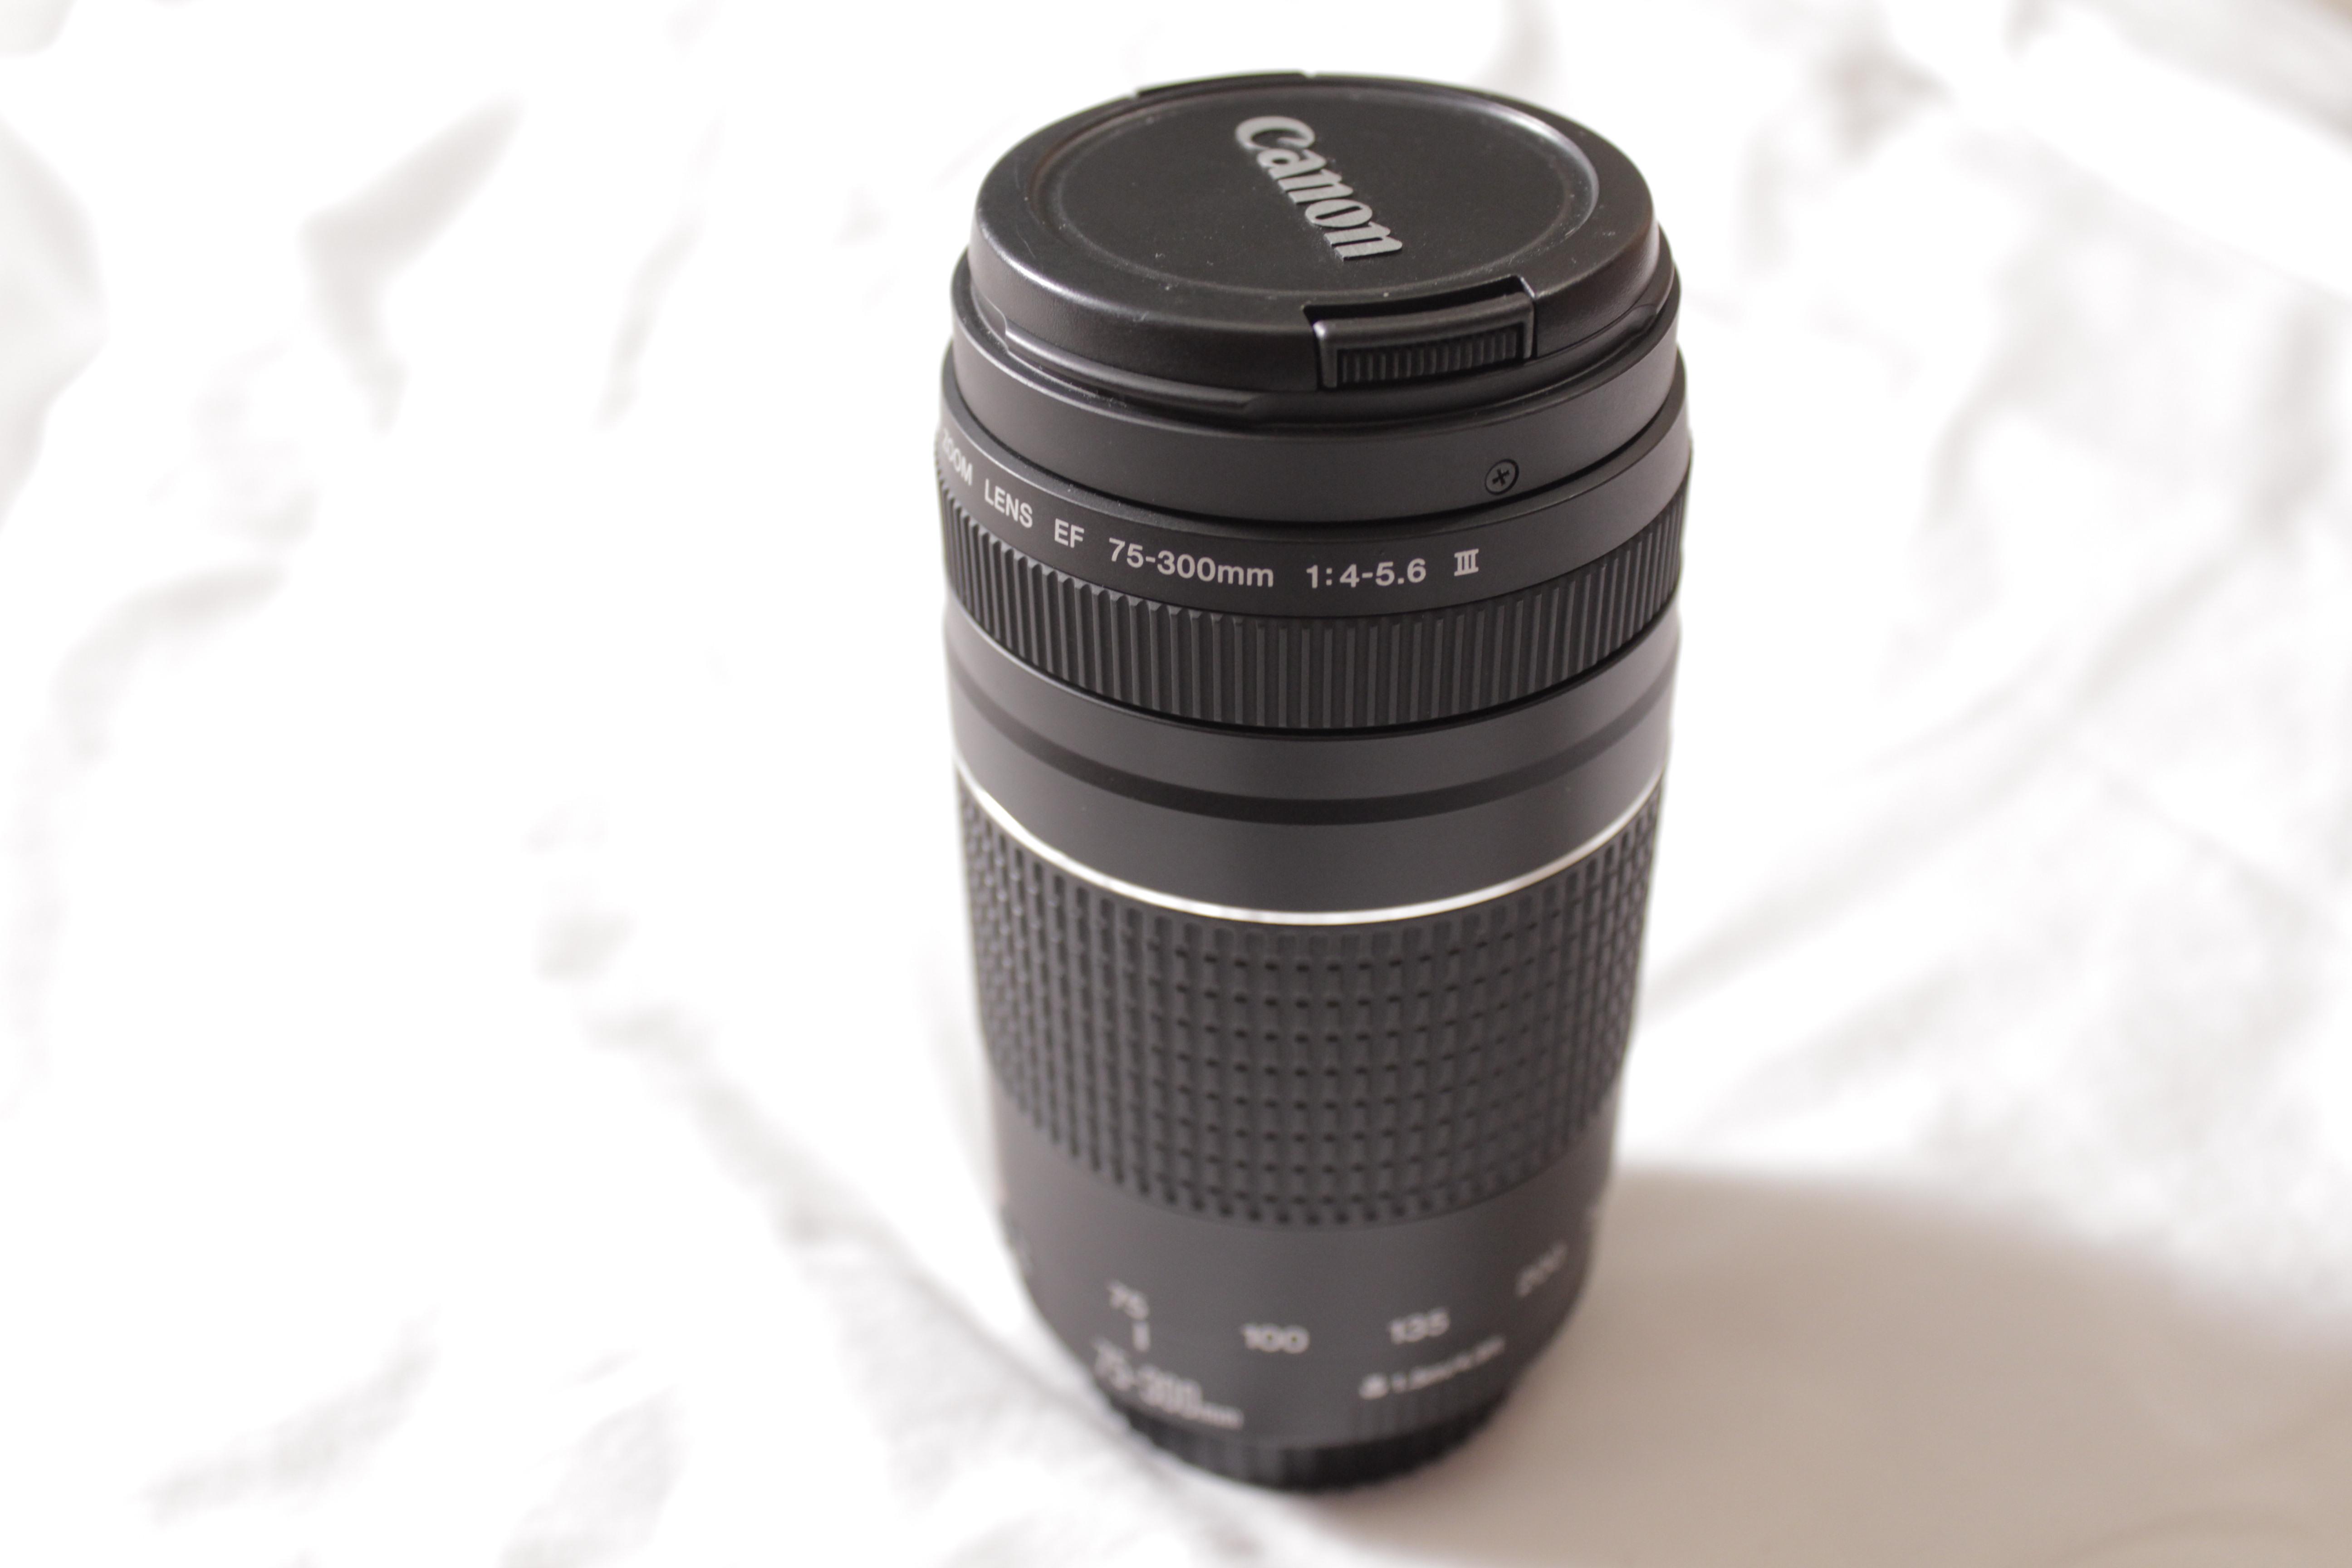 75-300mm Lens